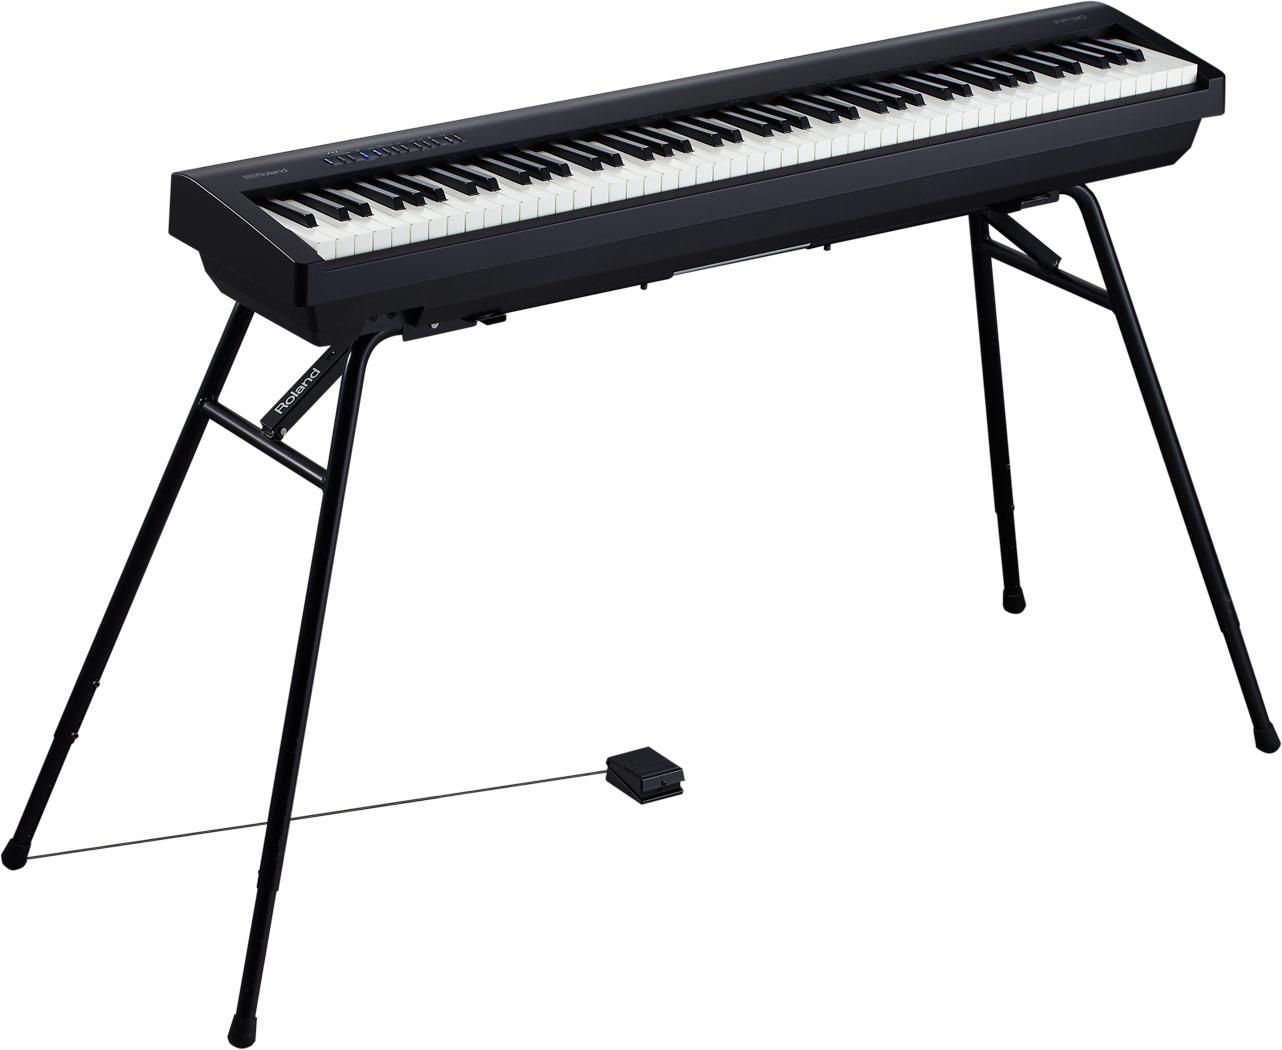 【バイヤーオススメセット】 Roland(ローランド) / FP-30-BK - Bluetooth対応 ポータブル・電子ピアノ - 【88鍵盤】